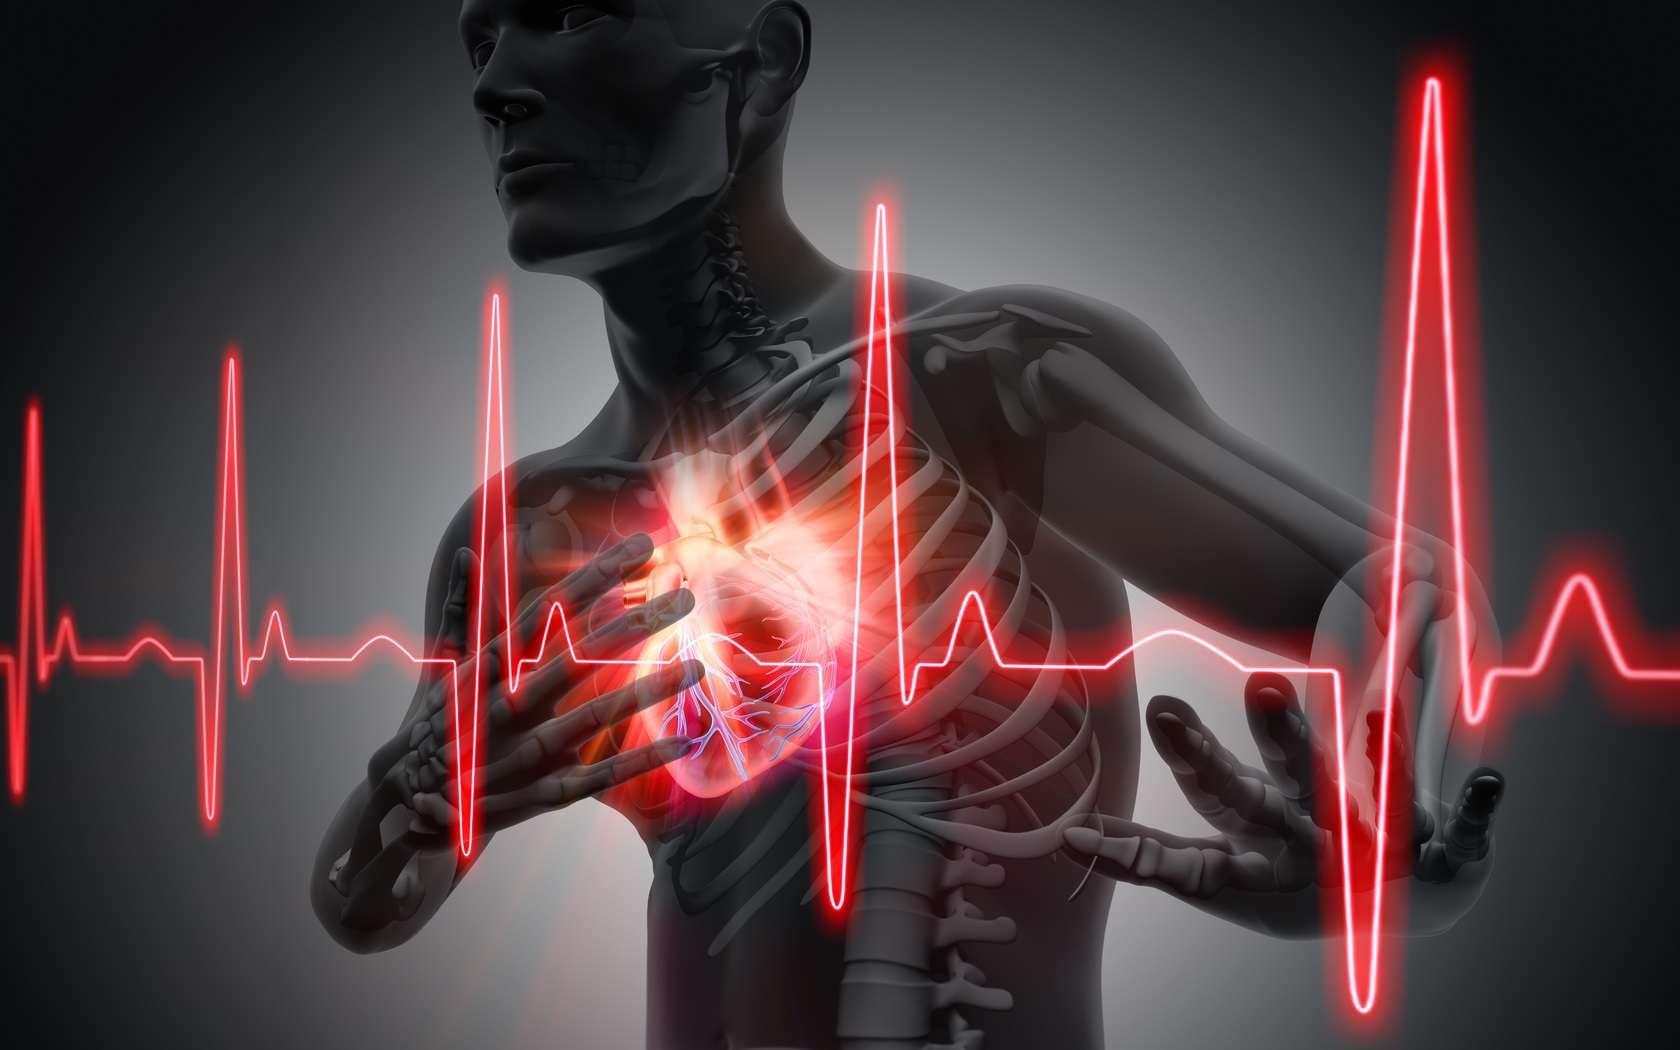 L'infarctus du myocarde est une urgence médicale, il faut agir vite ! © peterschreiber.media, Fotolia